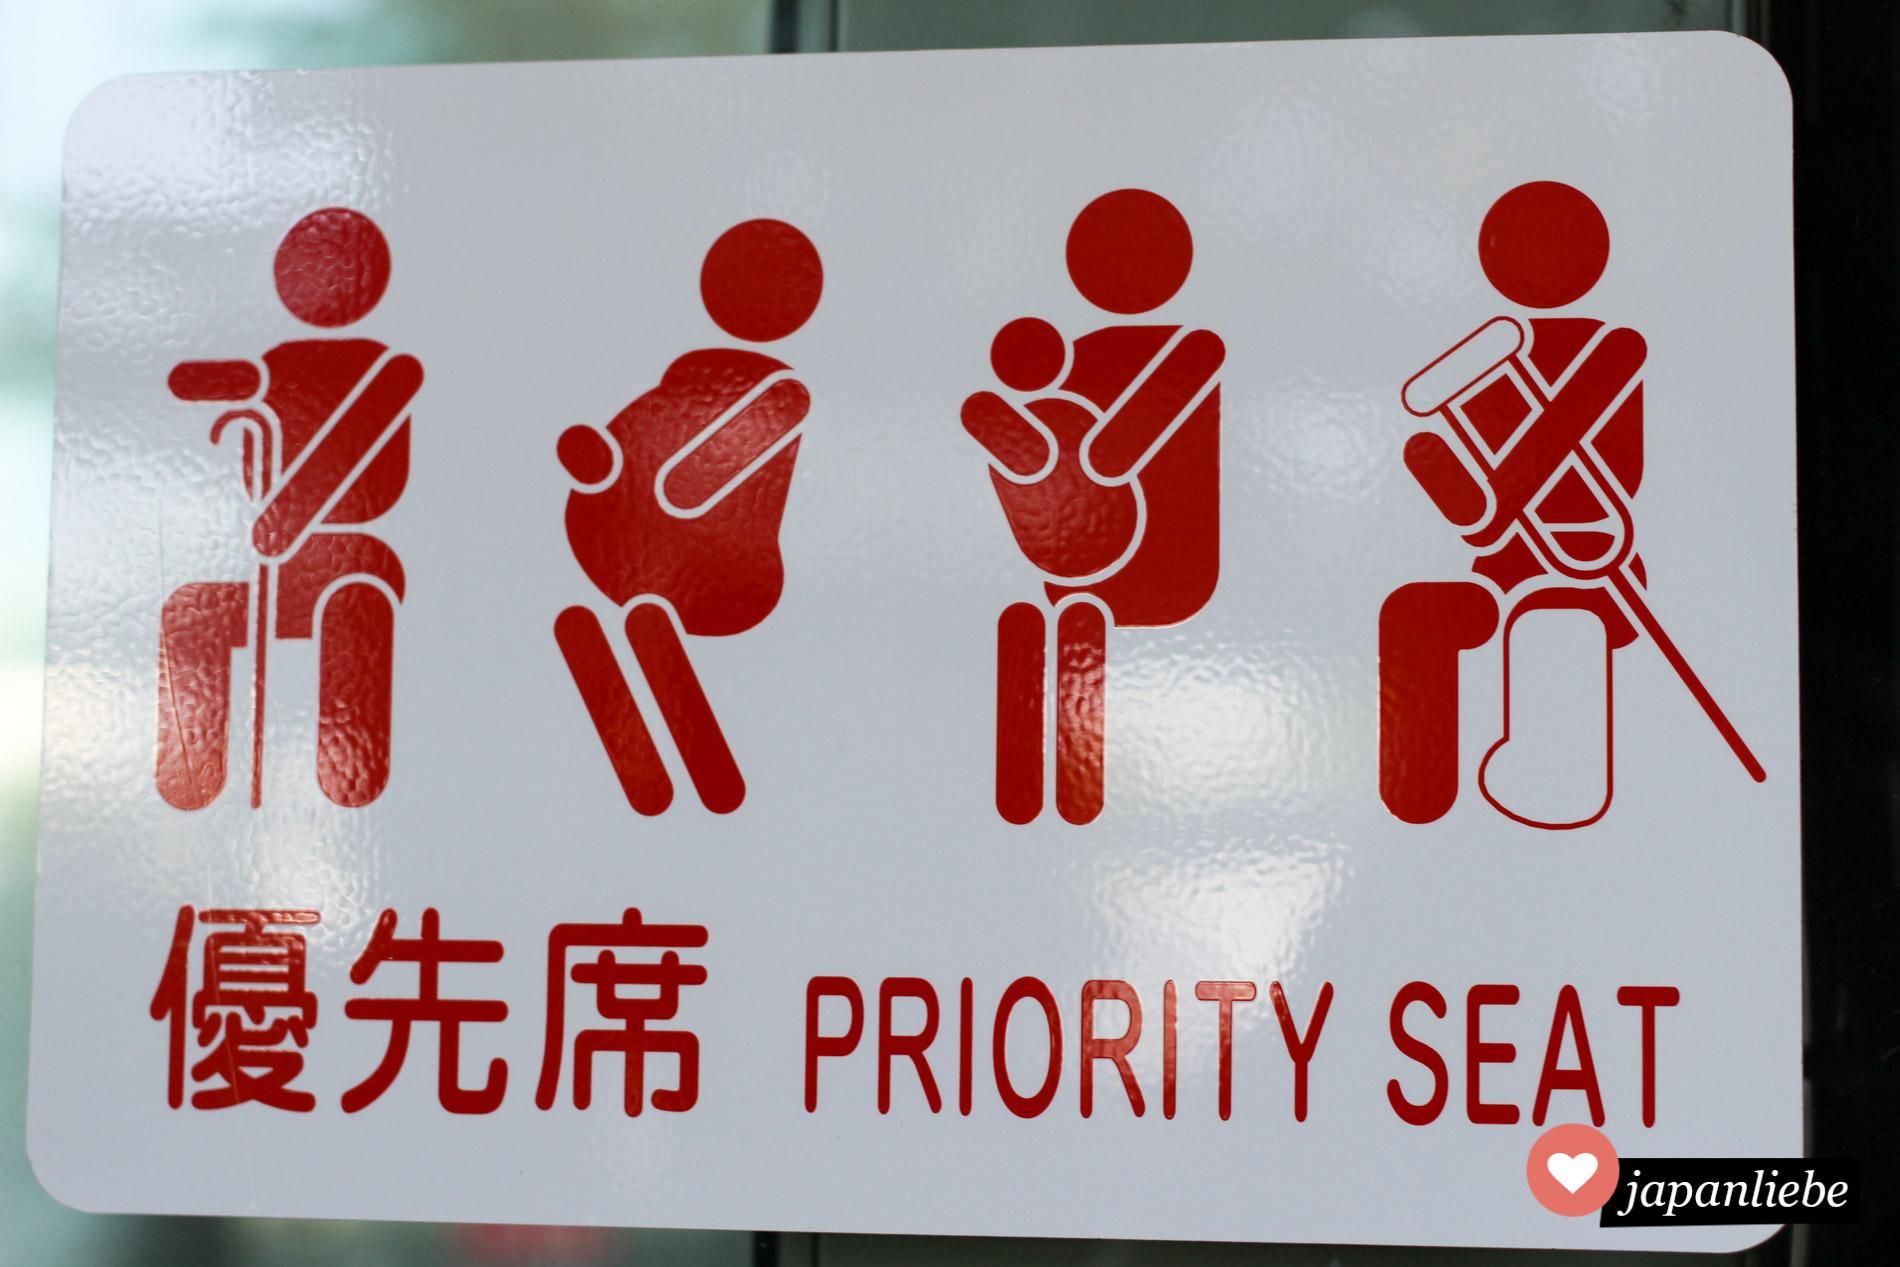 Ein typische Zeichen für Priority Seats in japanischen Verkehrsmitteln.